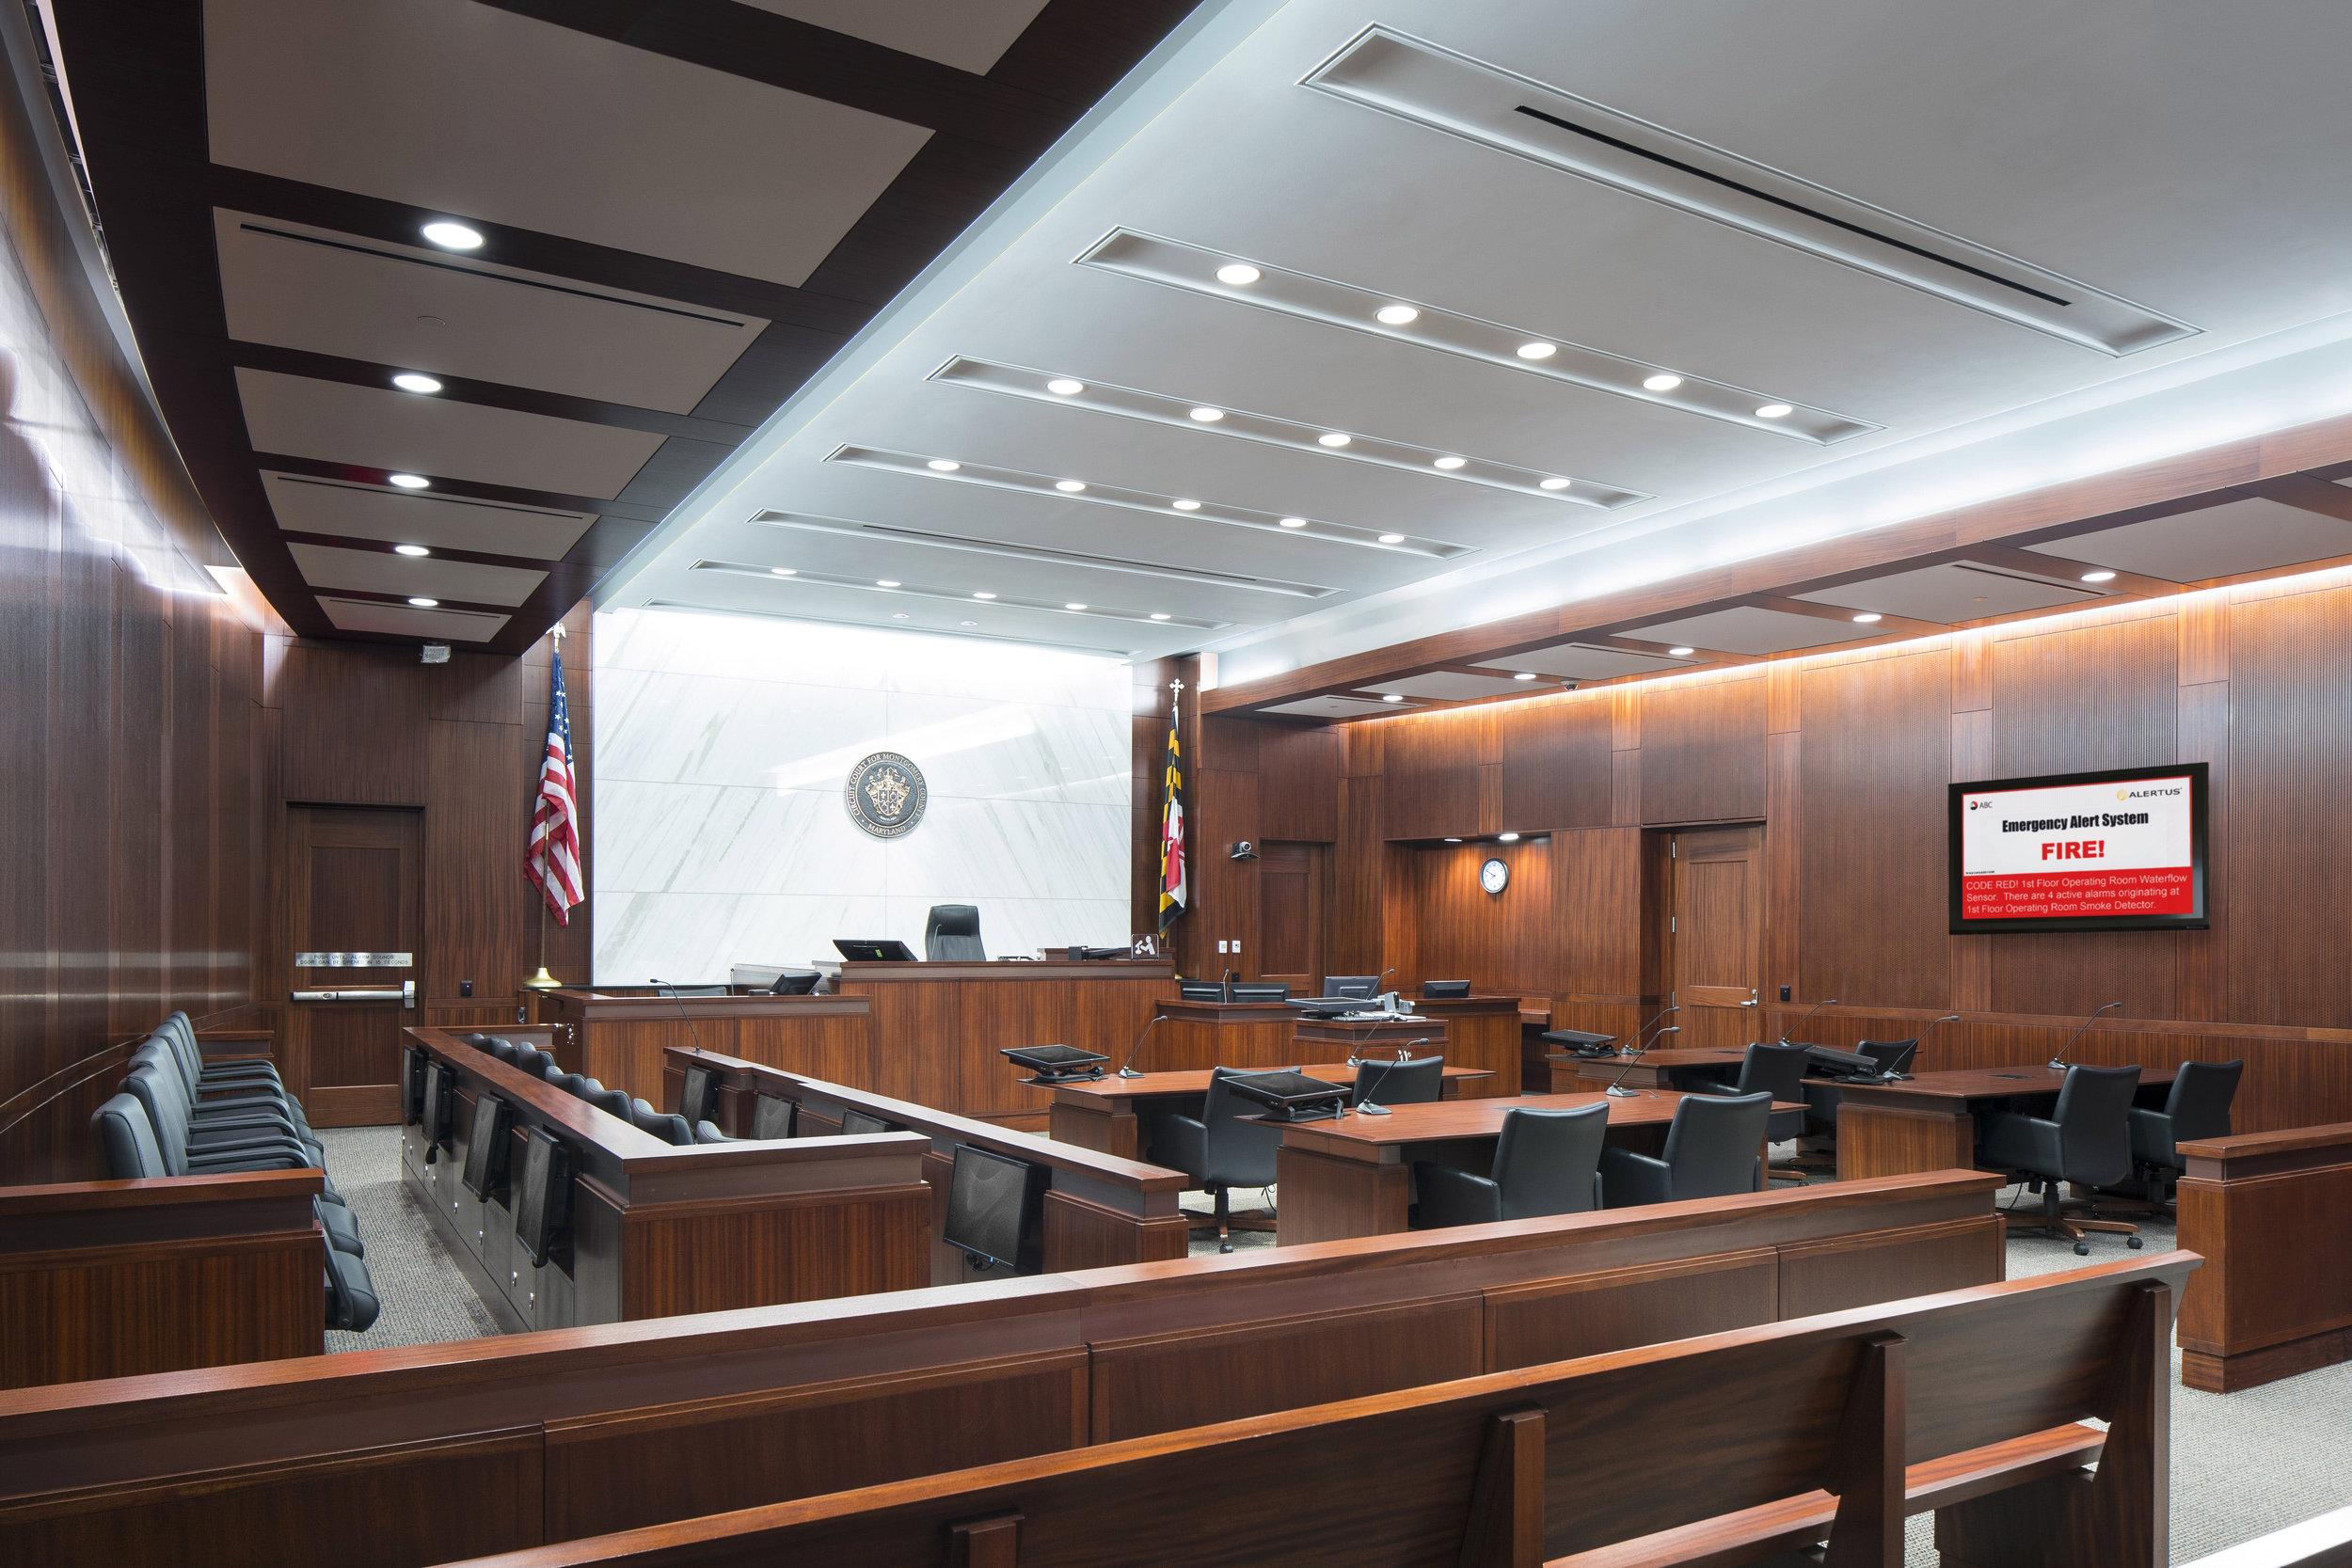 courtroom_federal_dod_digital_signage_piistve0cw0jj2bp_2018_highres.jpg